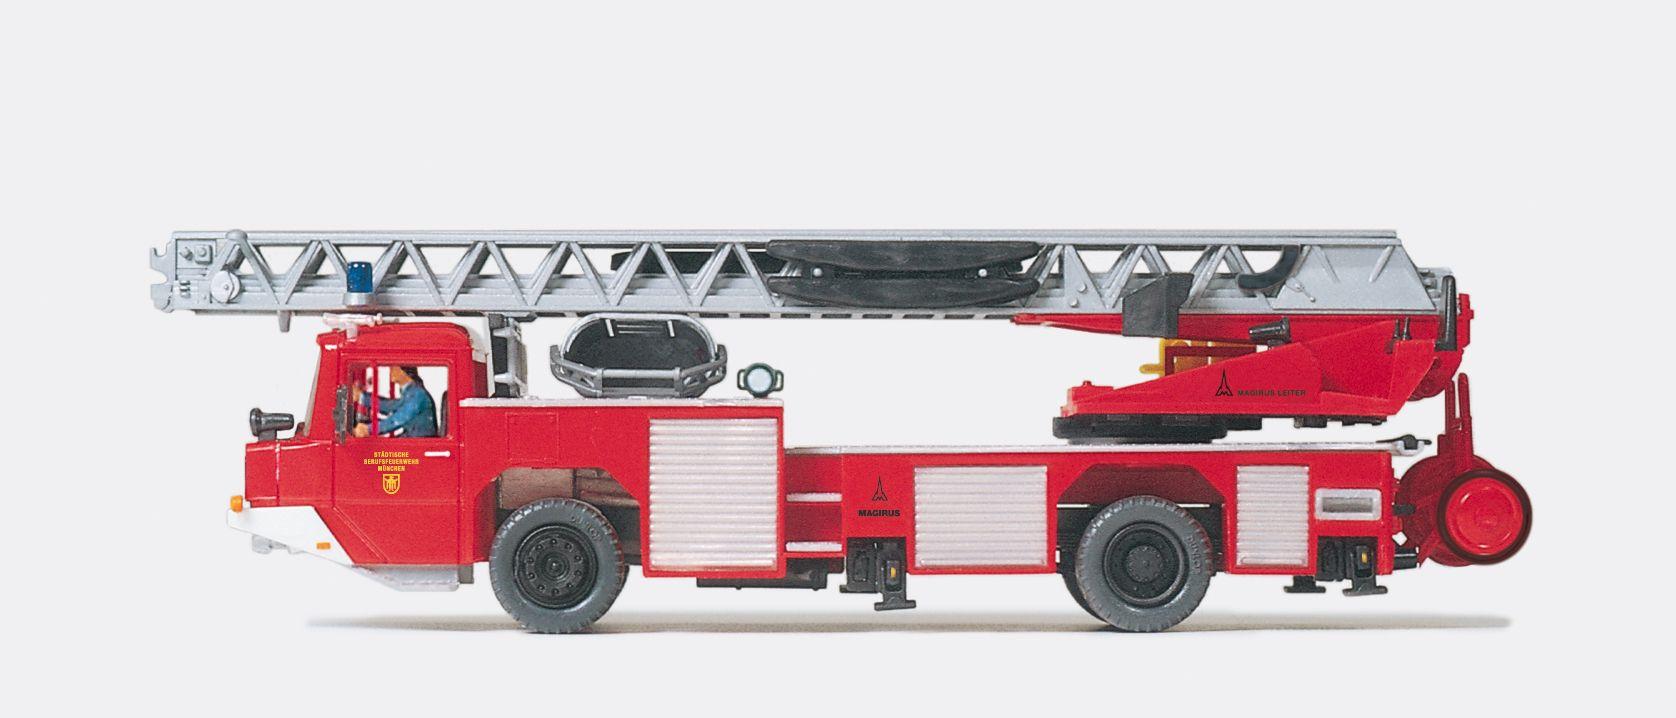 1:87 Feuerwehr Magirus Drehleiter DLK 23 DLK 23-12 voll beweglich, Bausatz - Preiser 31134    günstig bestellen bei Modelleisenbahn Center  MCS Vertriebs GmbH